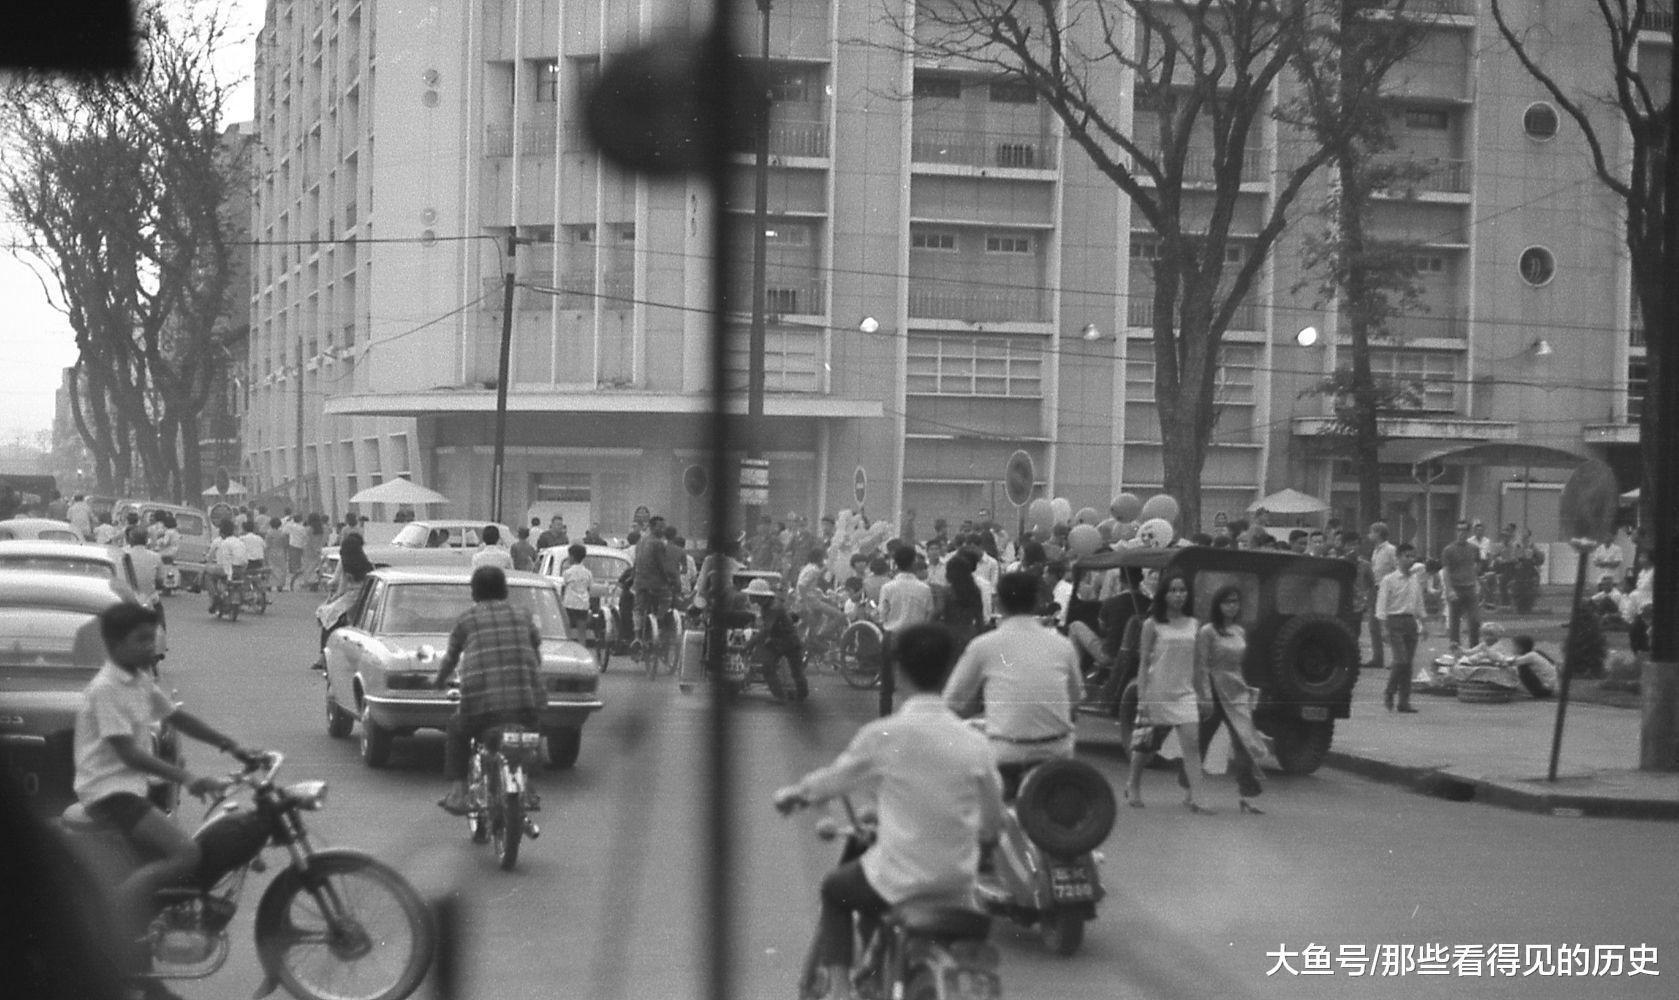 以前的西貢,很是繁華,被稱為東南亞的小巴黎。